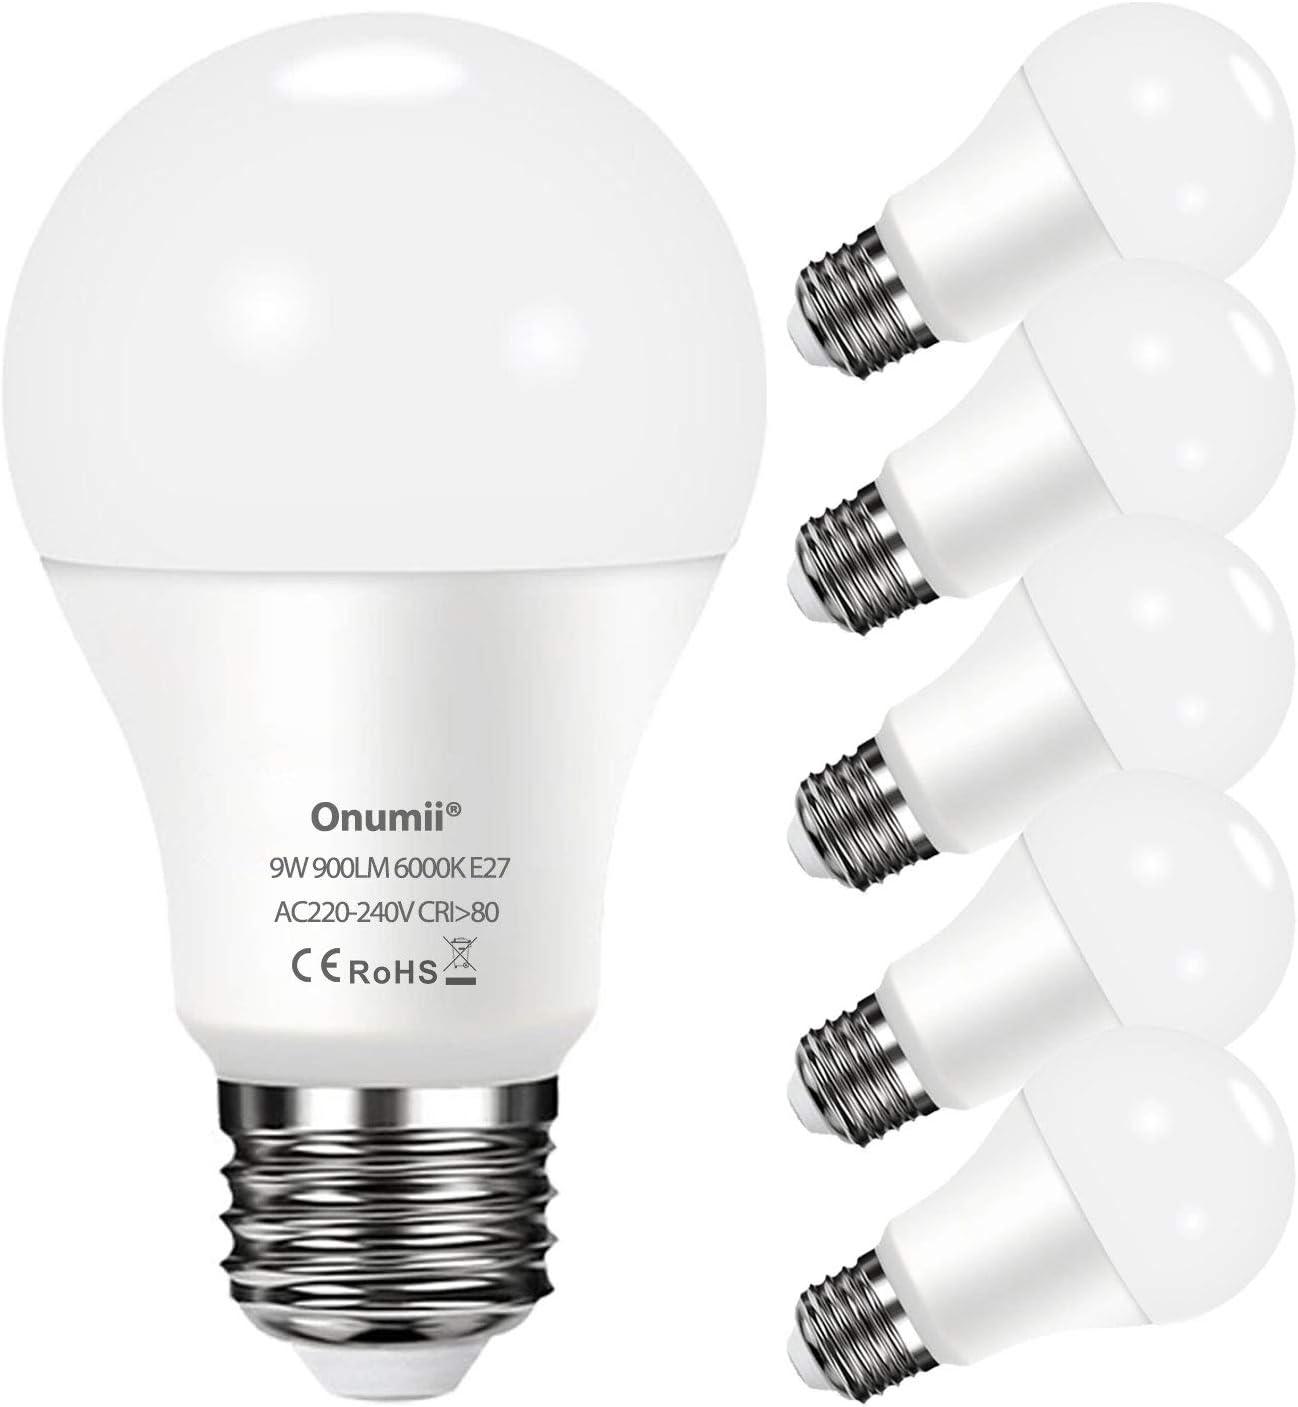 Onumii Bombillas LED E27 Luz Fria 6000K, 9W 900 Lúmenes Equivalente a 60W 75W, No Regulable, Pack de 6 Unidades